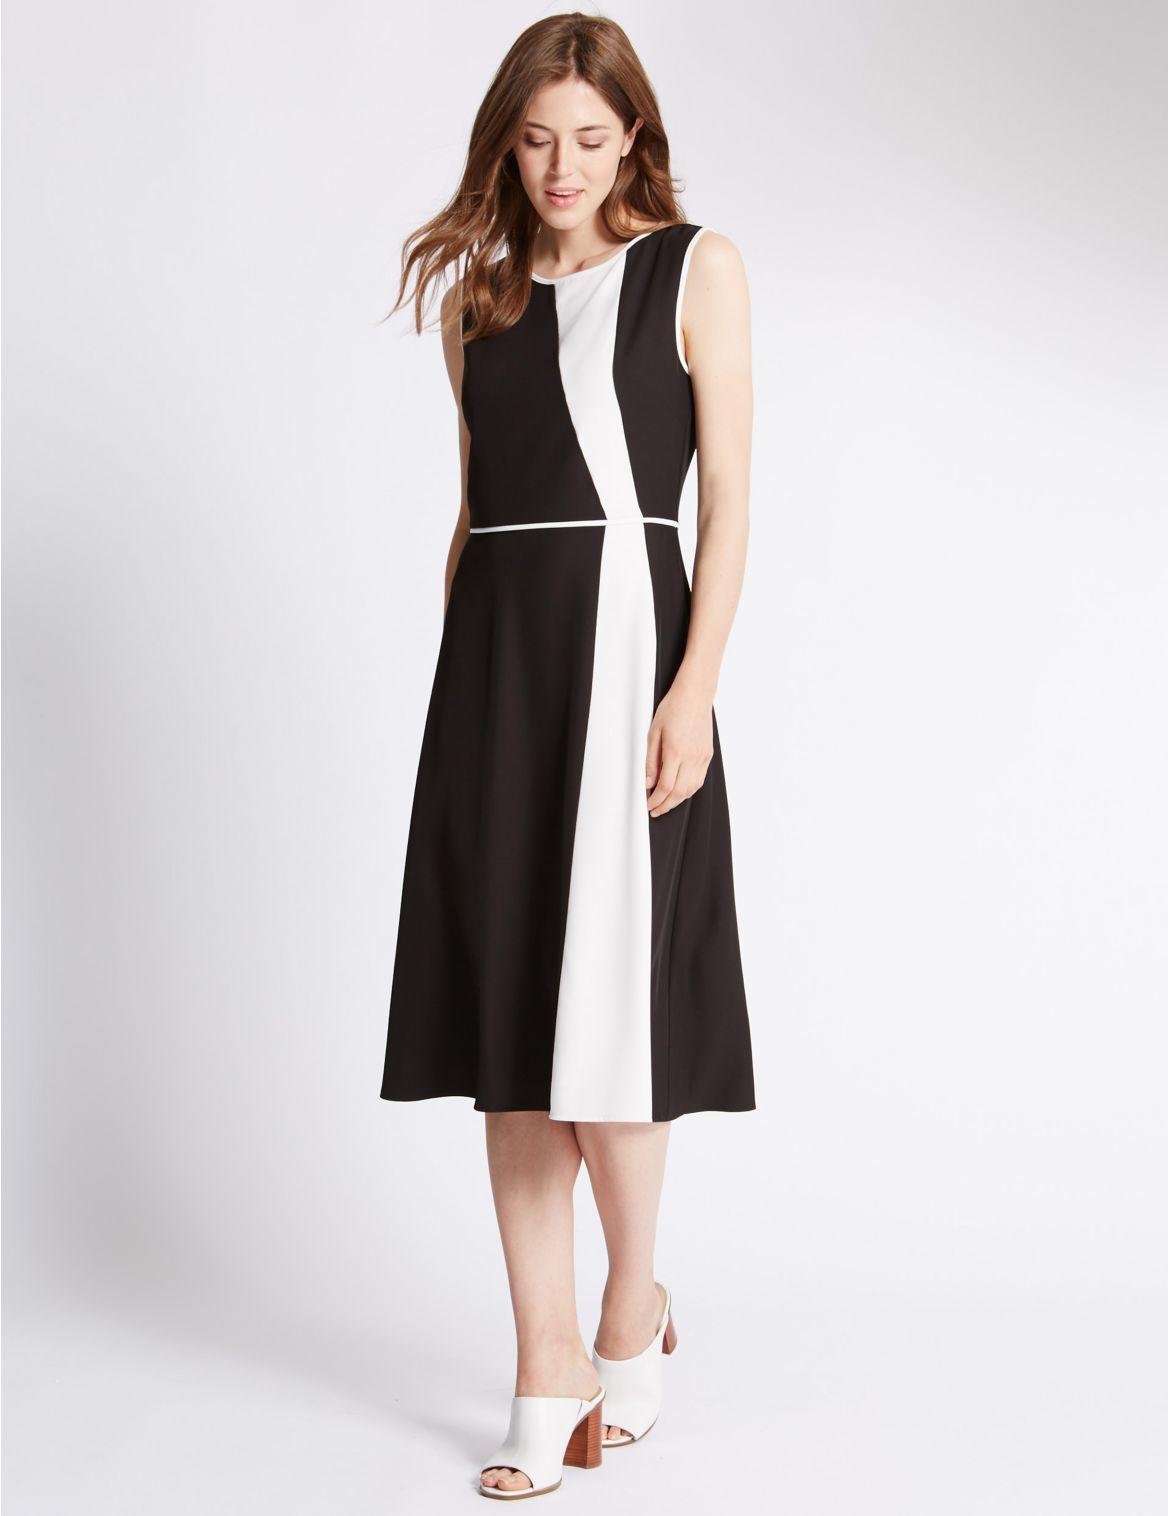 Rechte jurk zonder mouwen met